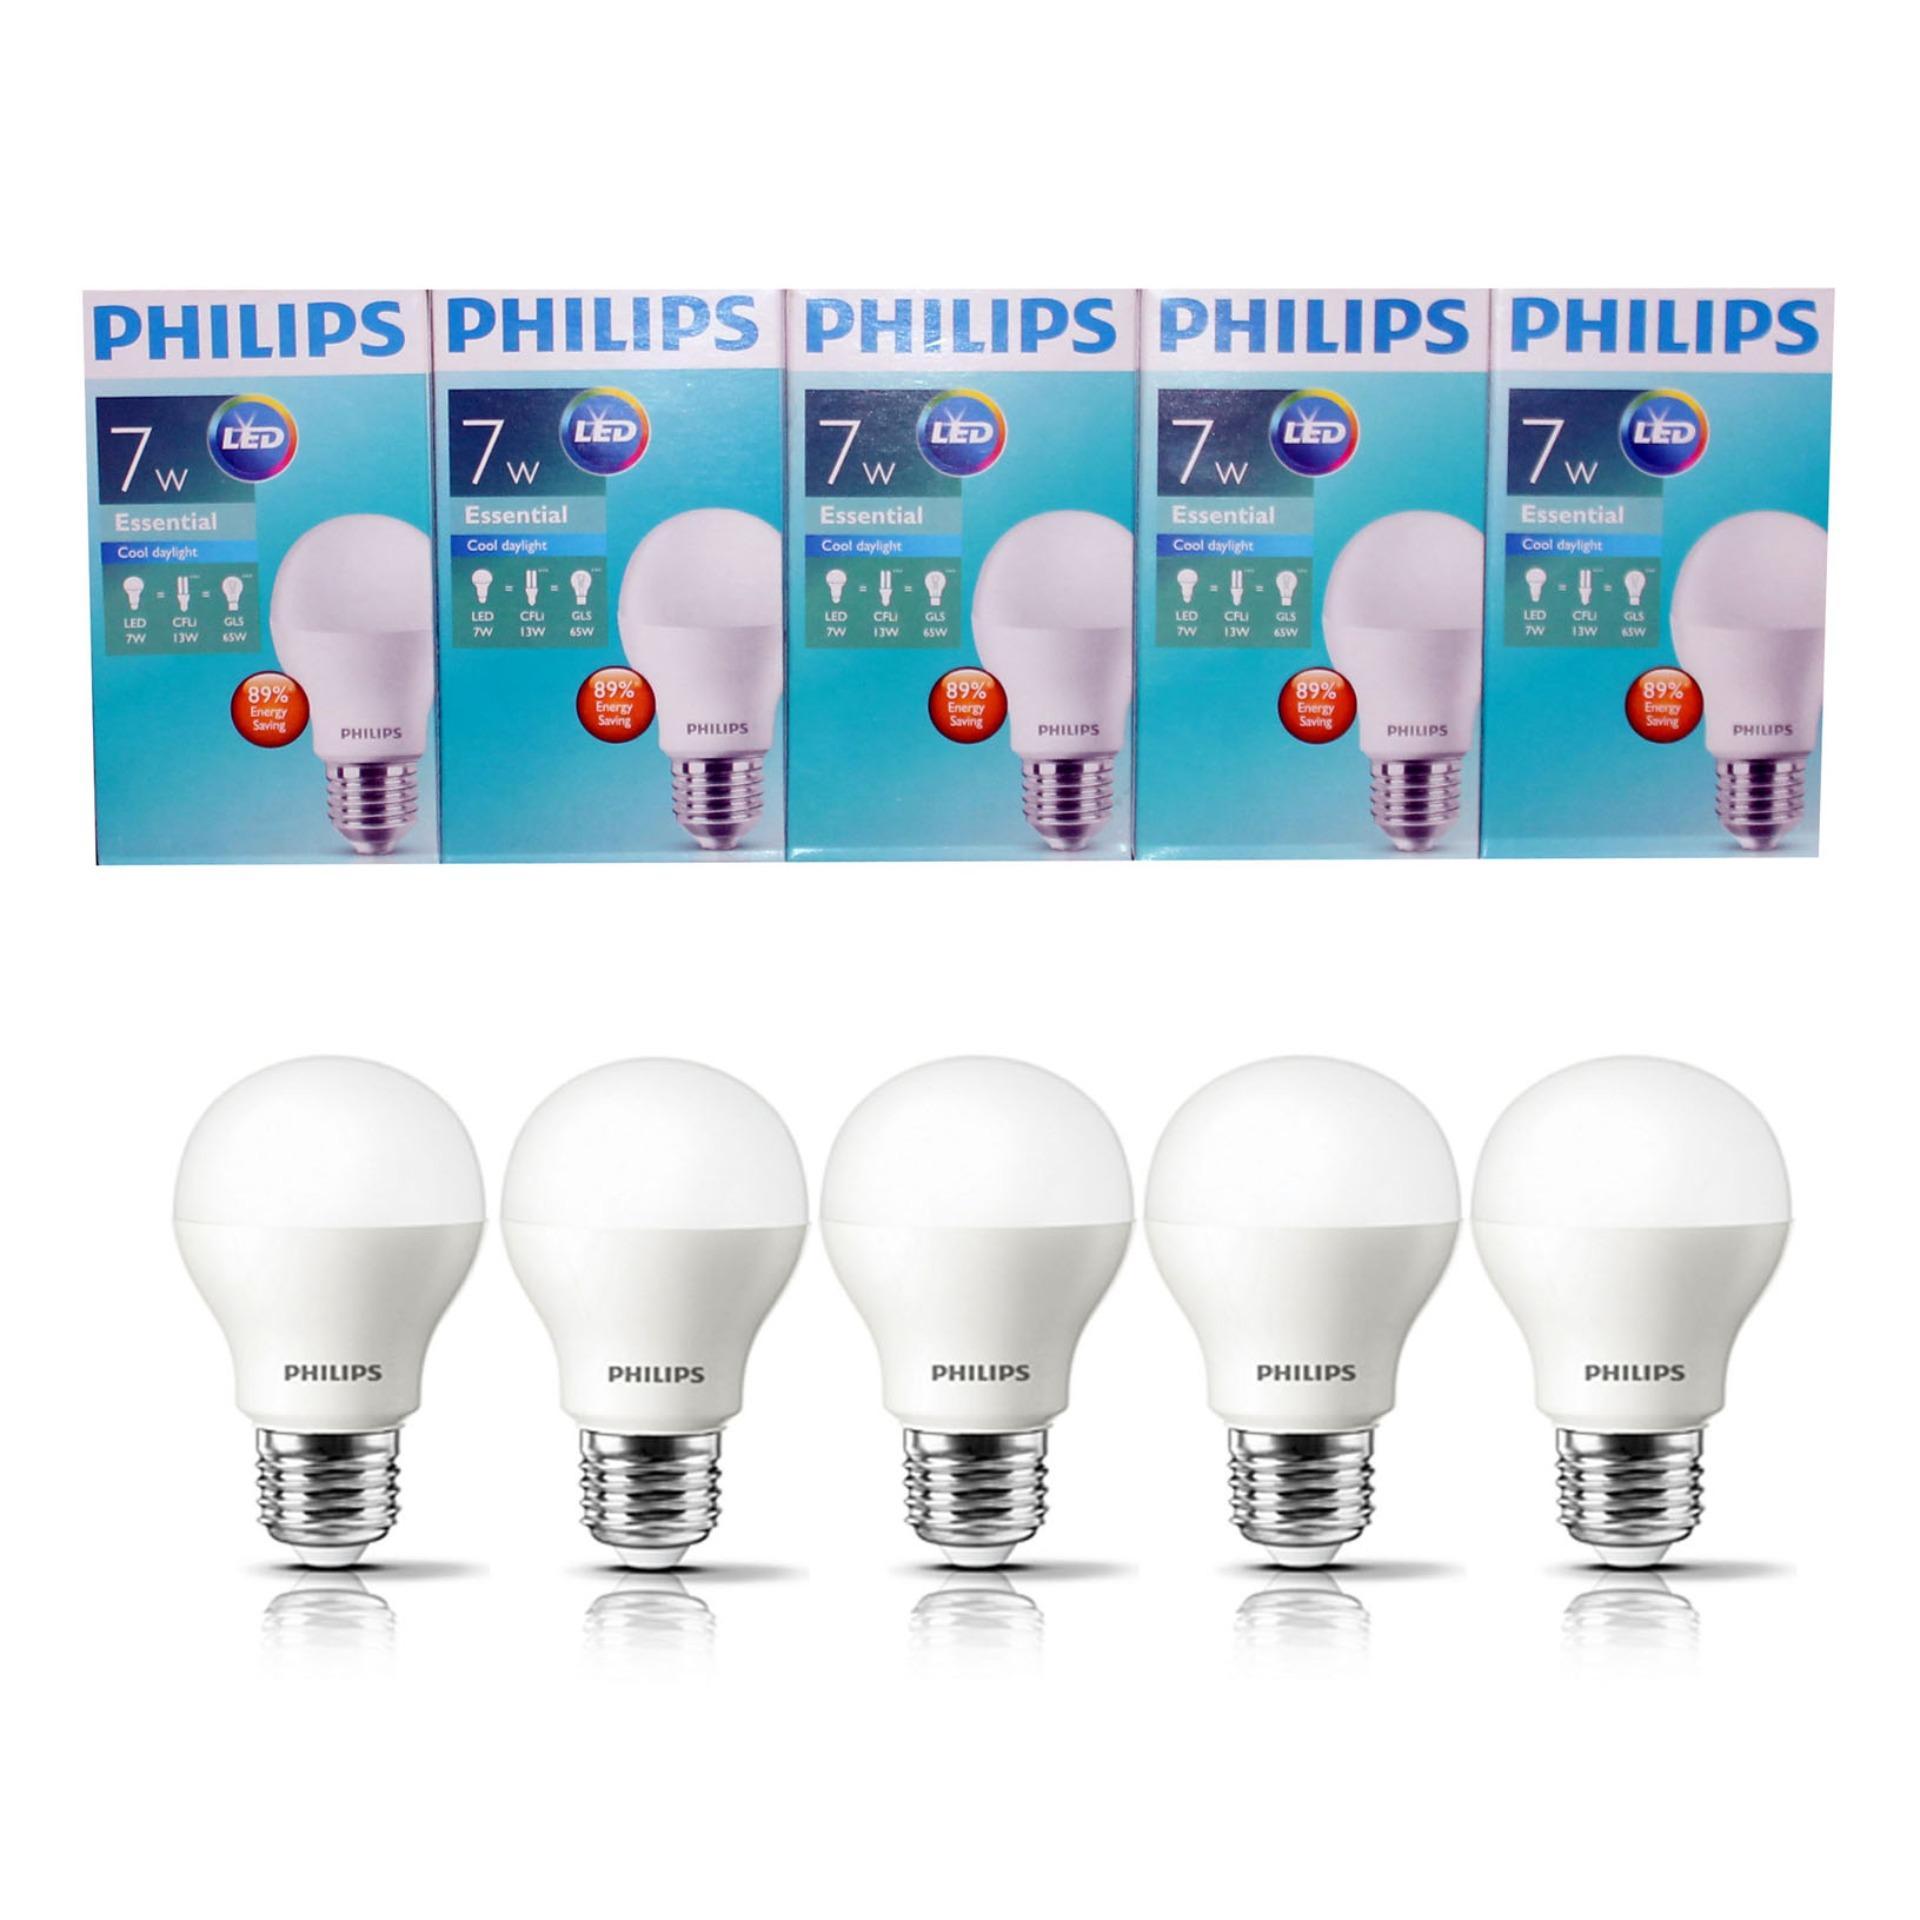 PHILIPS Lampu Led Bulb Essential 7 Wat 7 W 7Watt 7W Paket 5 Pcs Putih